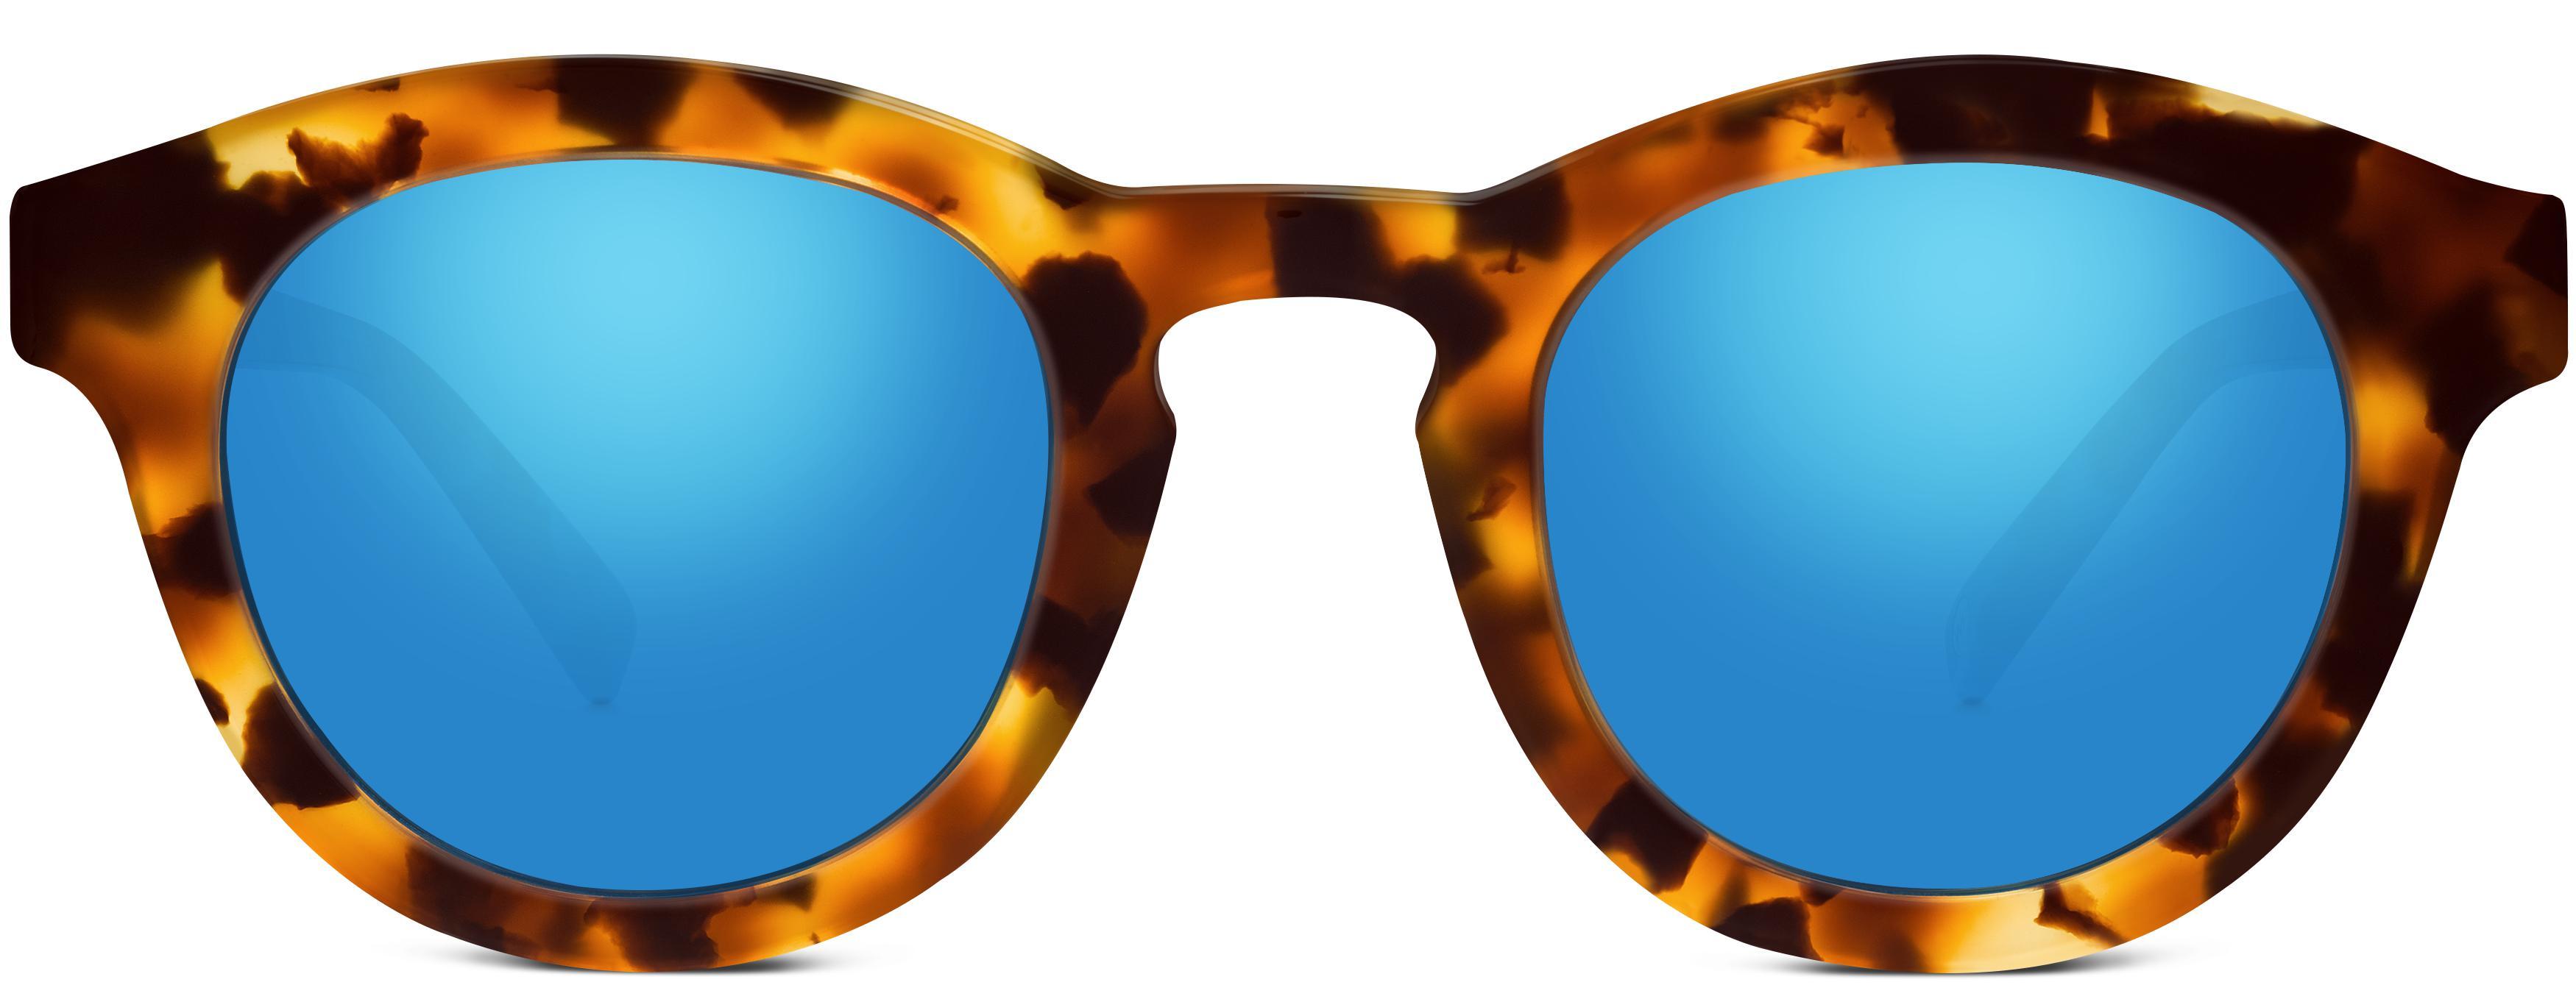 3b9ea0203c Women s Sunglasses